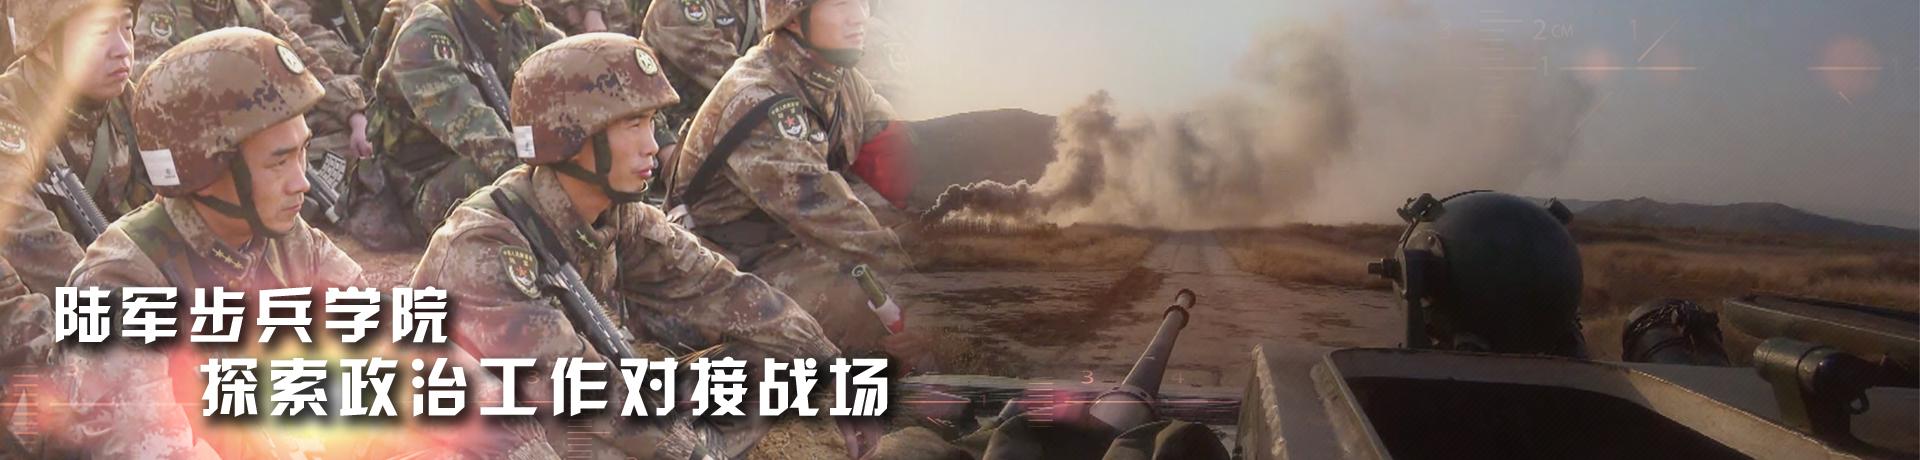 陆军步兵学院探索政治工作对接战场